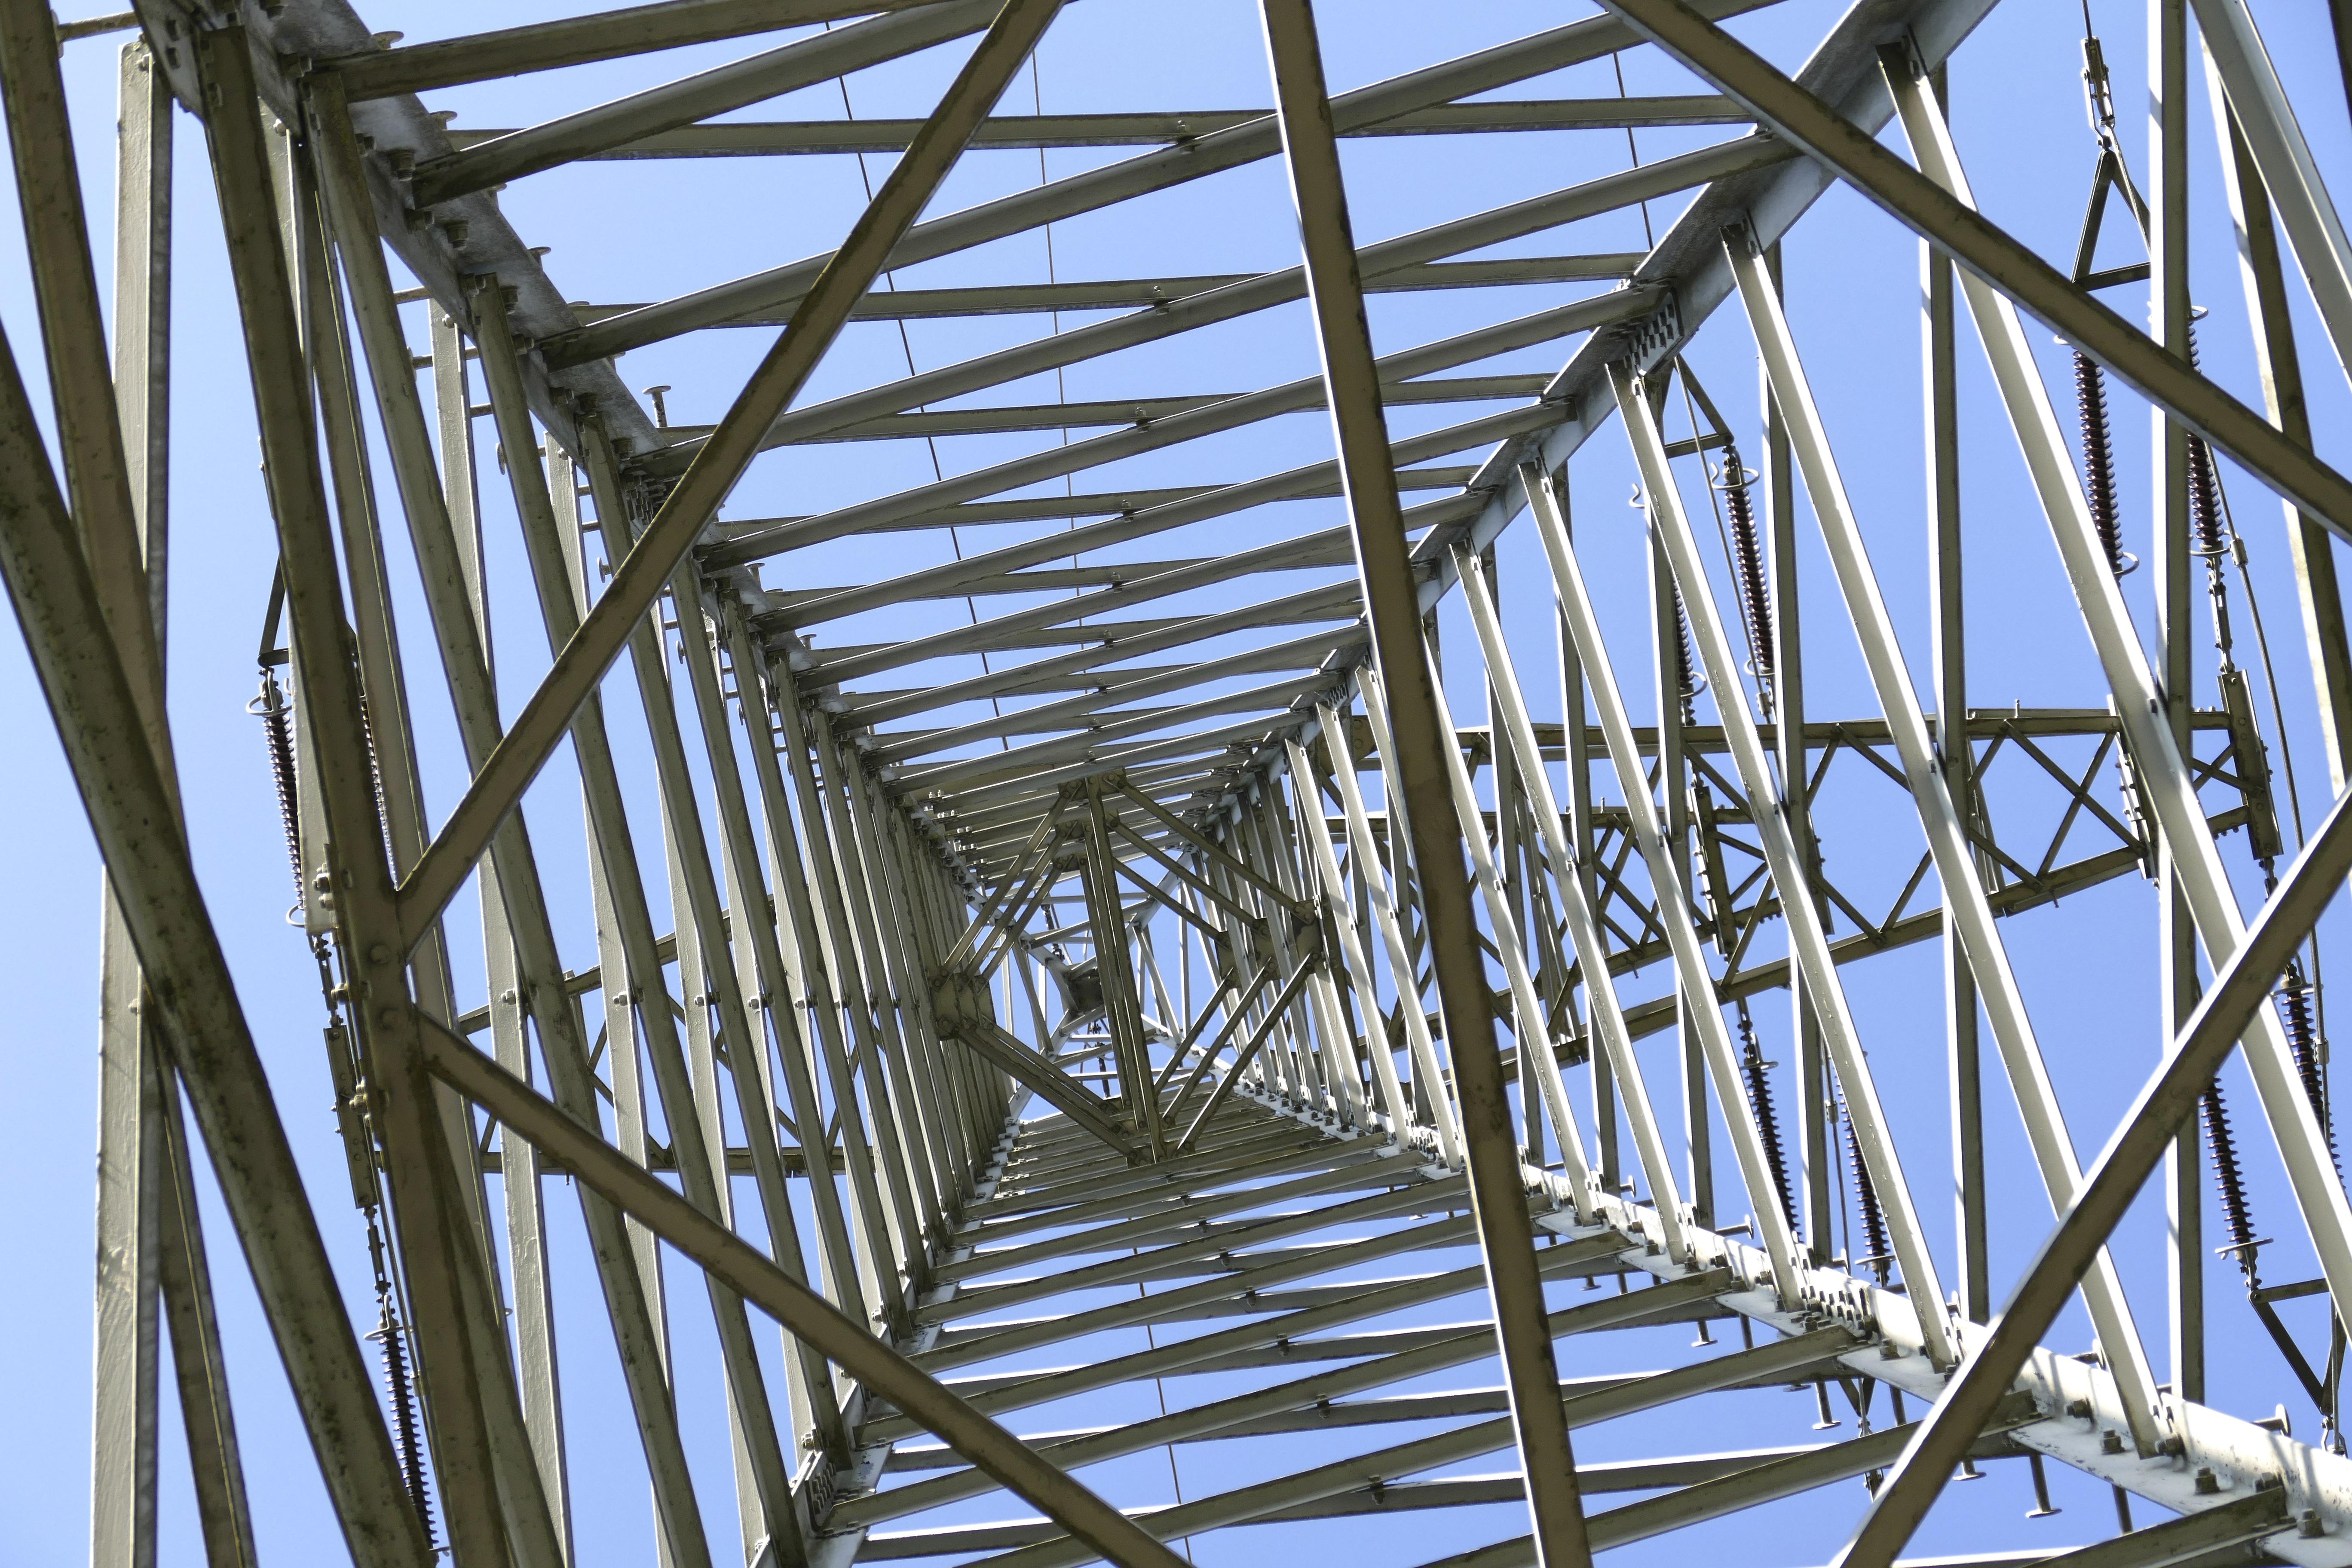 Fotos gratis : estructura, techo, línea, mástil, Alto voltaje ...